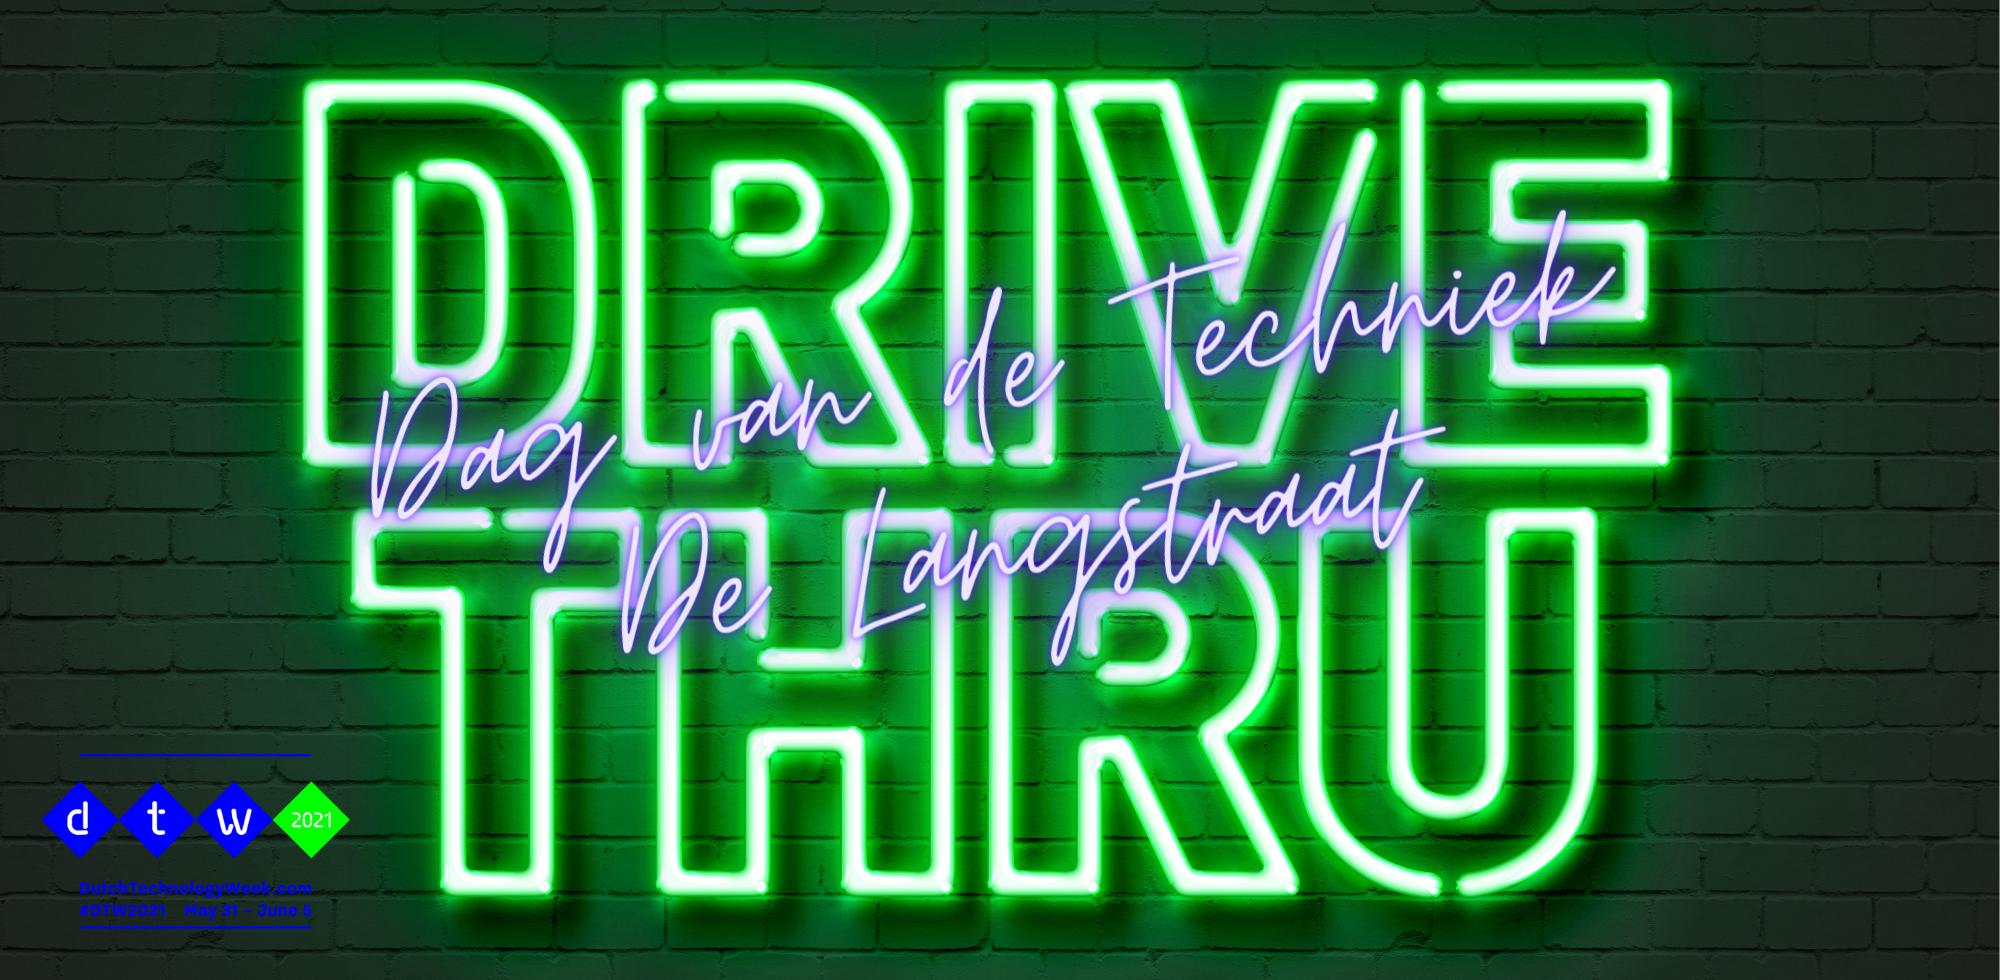 Drive Thru Dag vd Techniek_DTW 2021